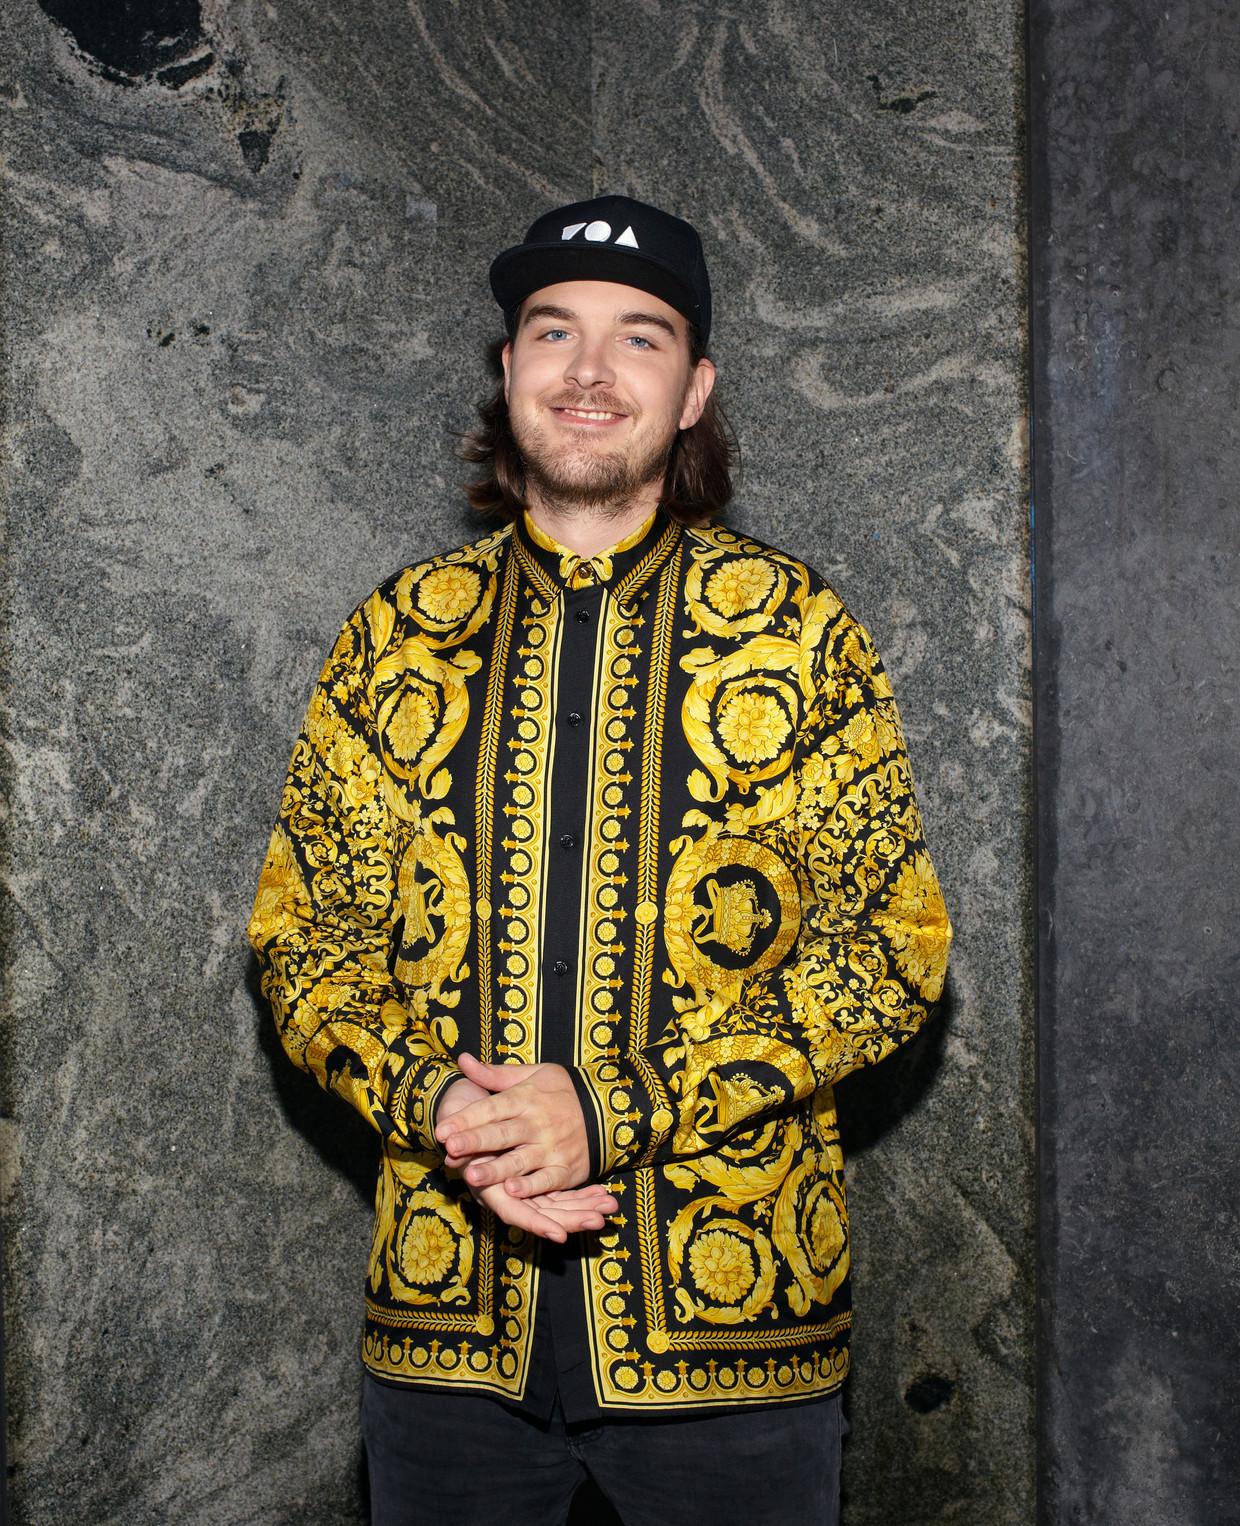 Reinier Zonneveld: 'Ik zat tot diep in de nacht tracks te maken, die ik dan kon draaien op die illegale feesten.' Beeld Daniel Cohen